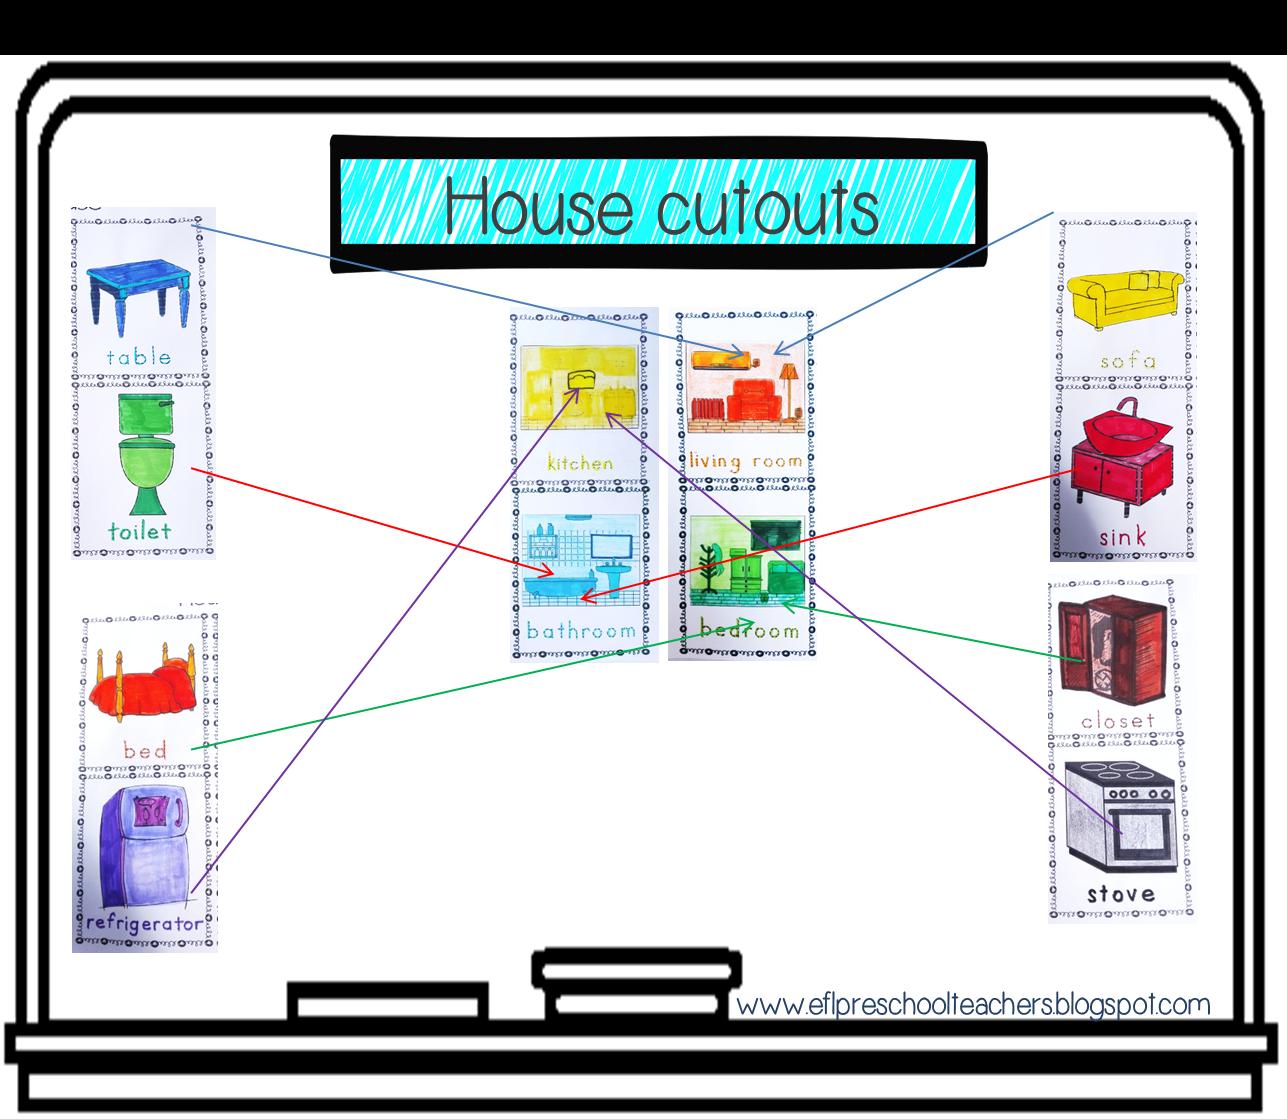 Esl Efl Preschool Teachers House Worksheets For The